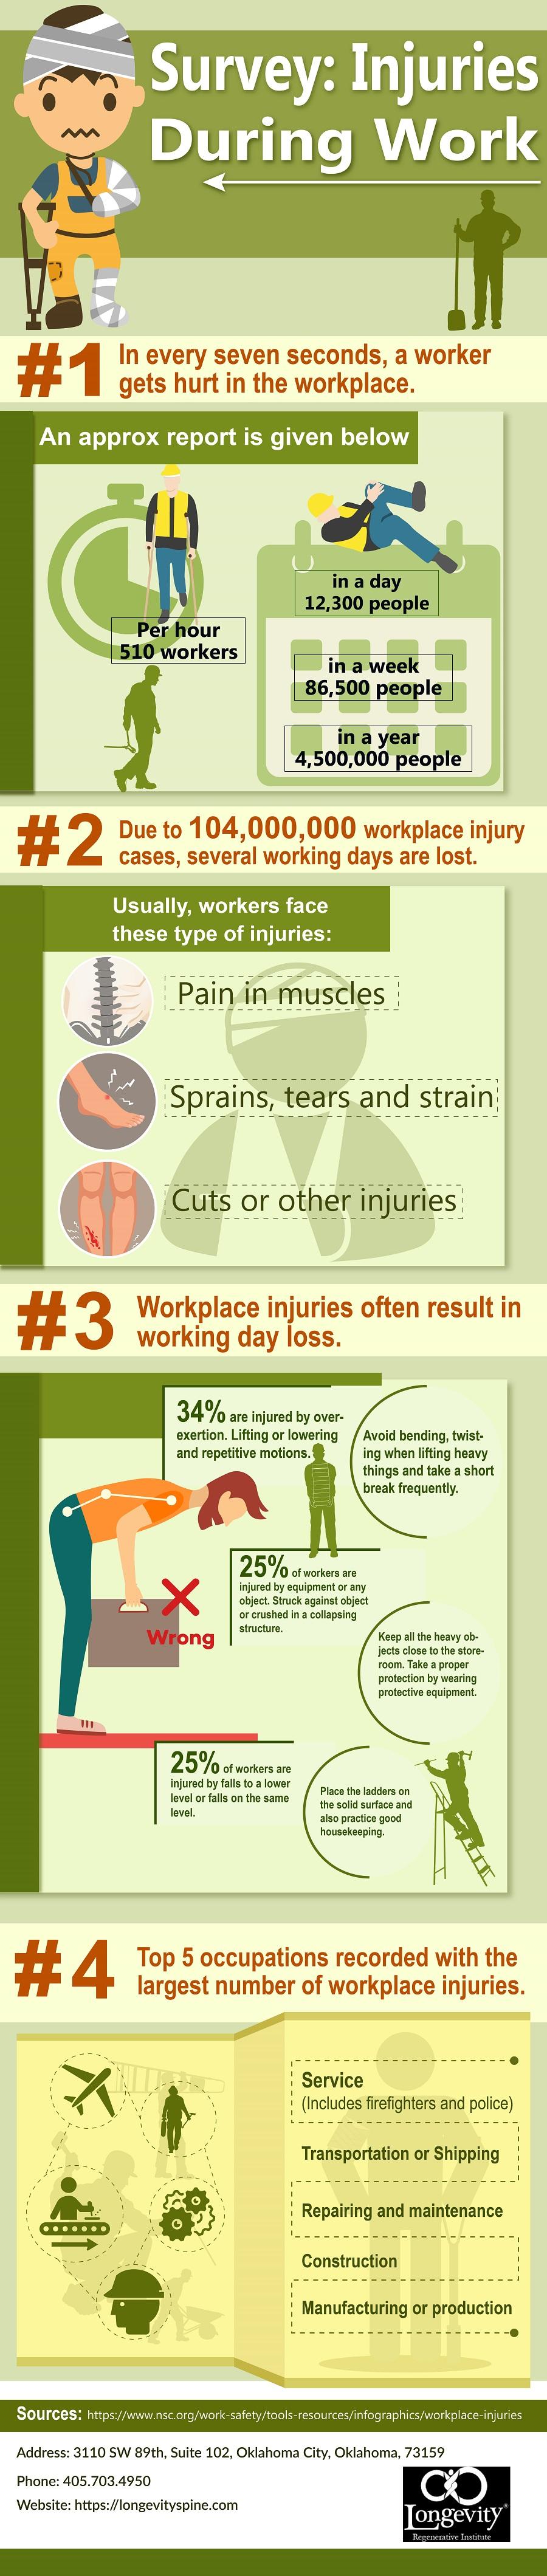 Survey - Injuries During Work.jpg